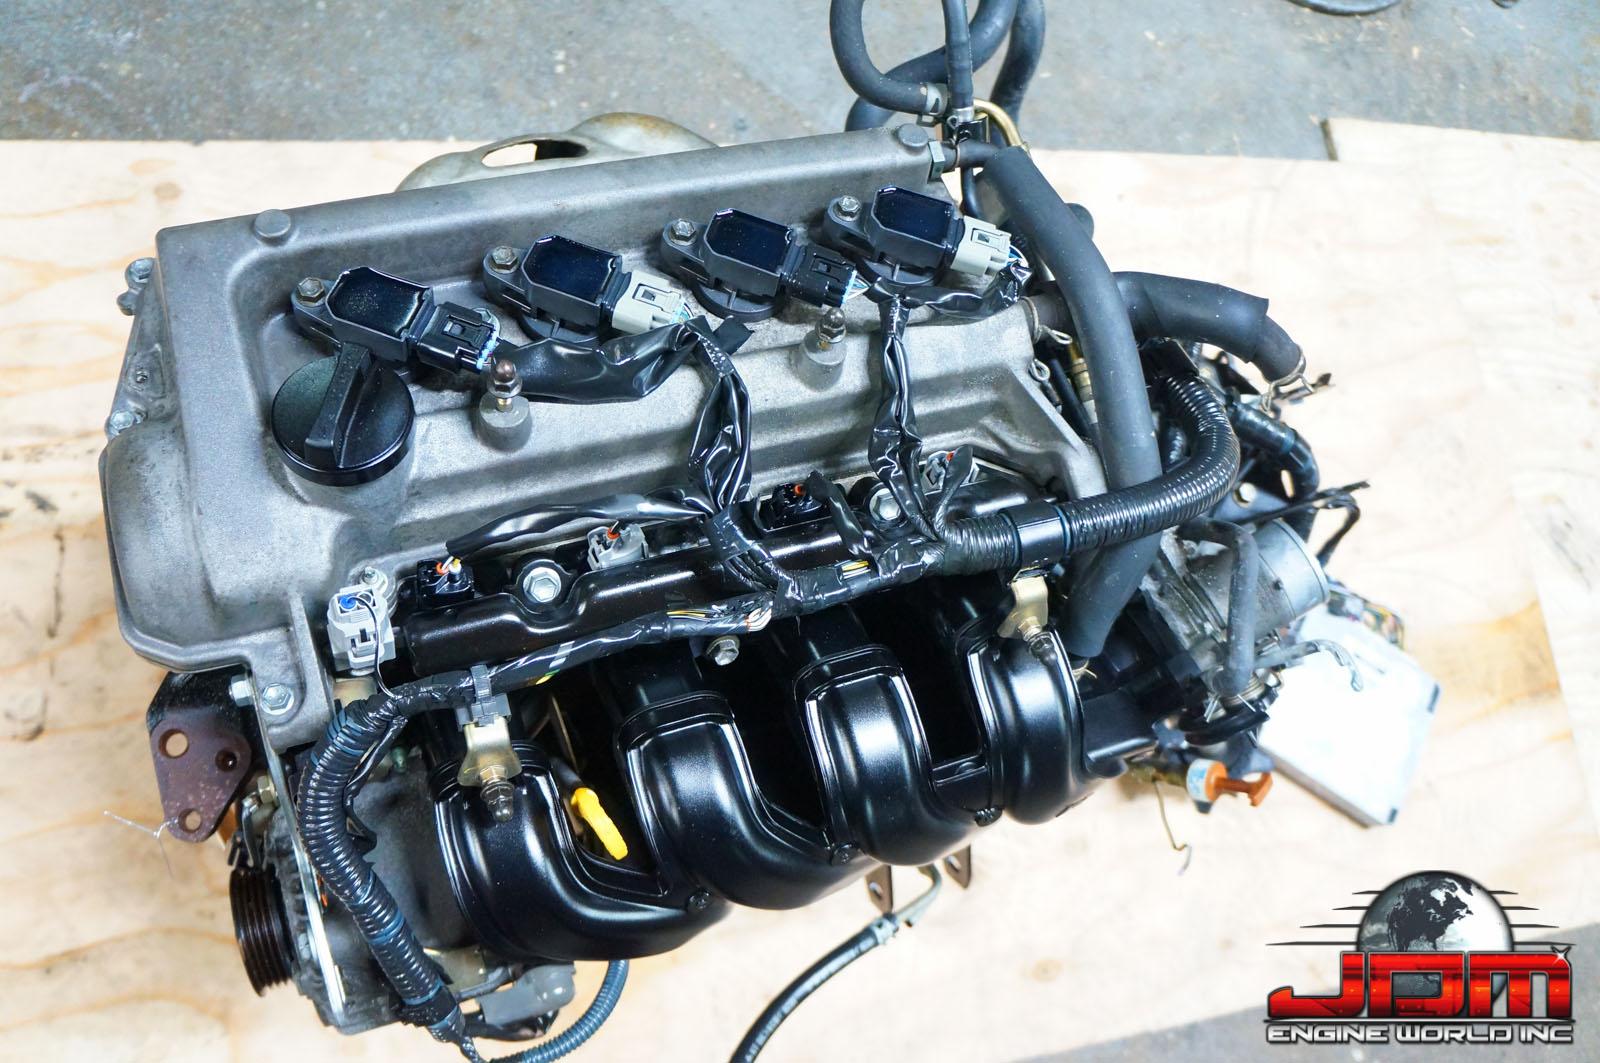 03 04 05 06 SCION XB XA 1NZ-FE ENGINE & AUTOMATIC TRANSMISSION VVTi 1.5L JDM 1NZ